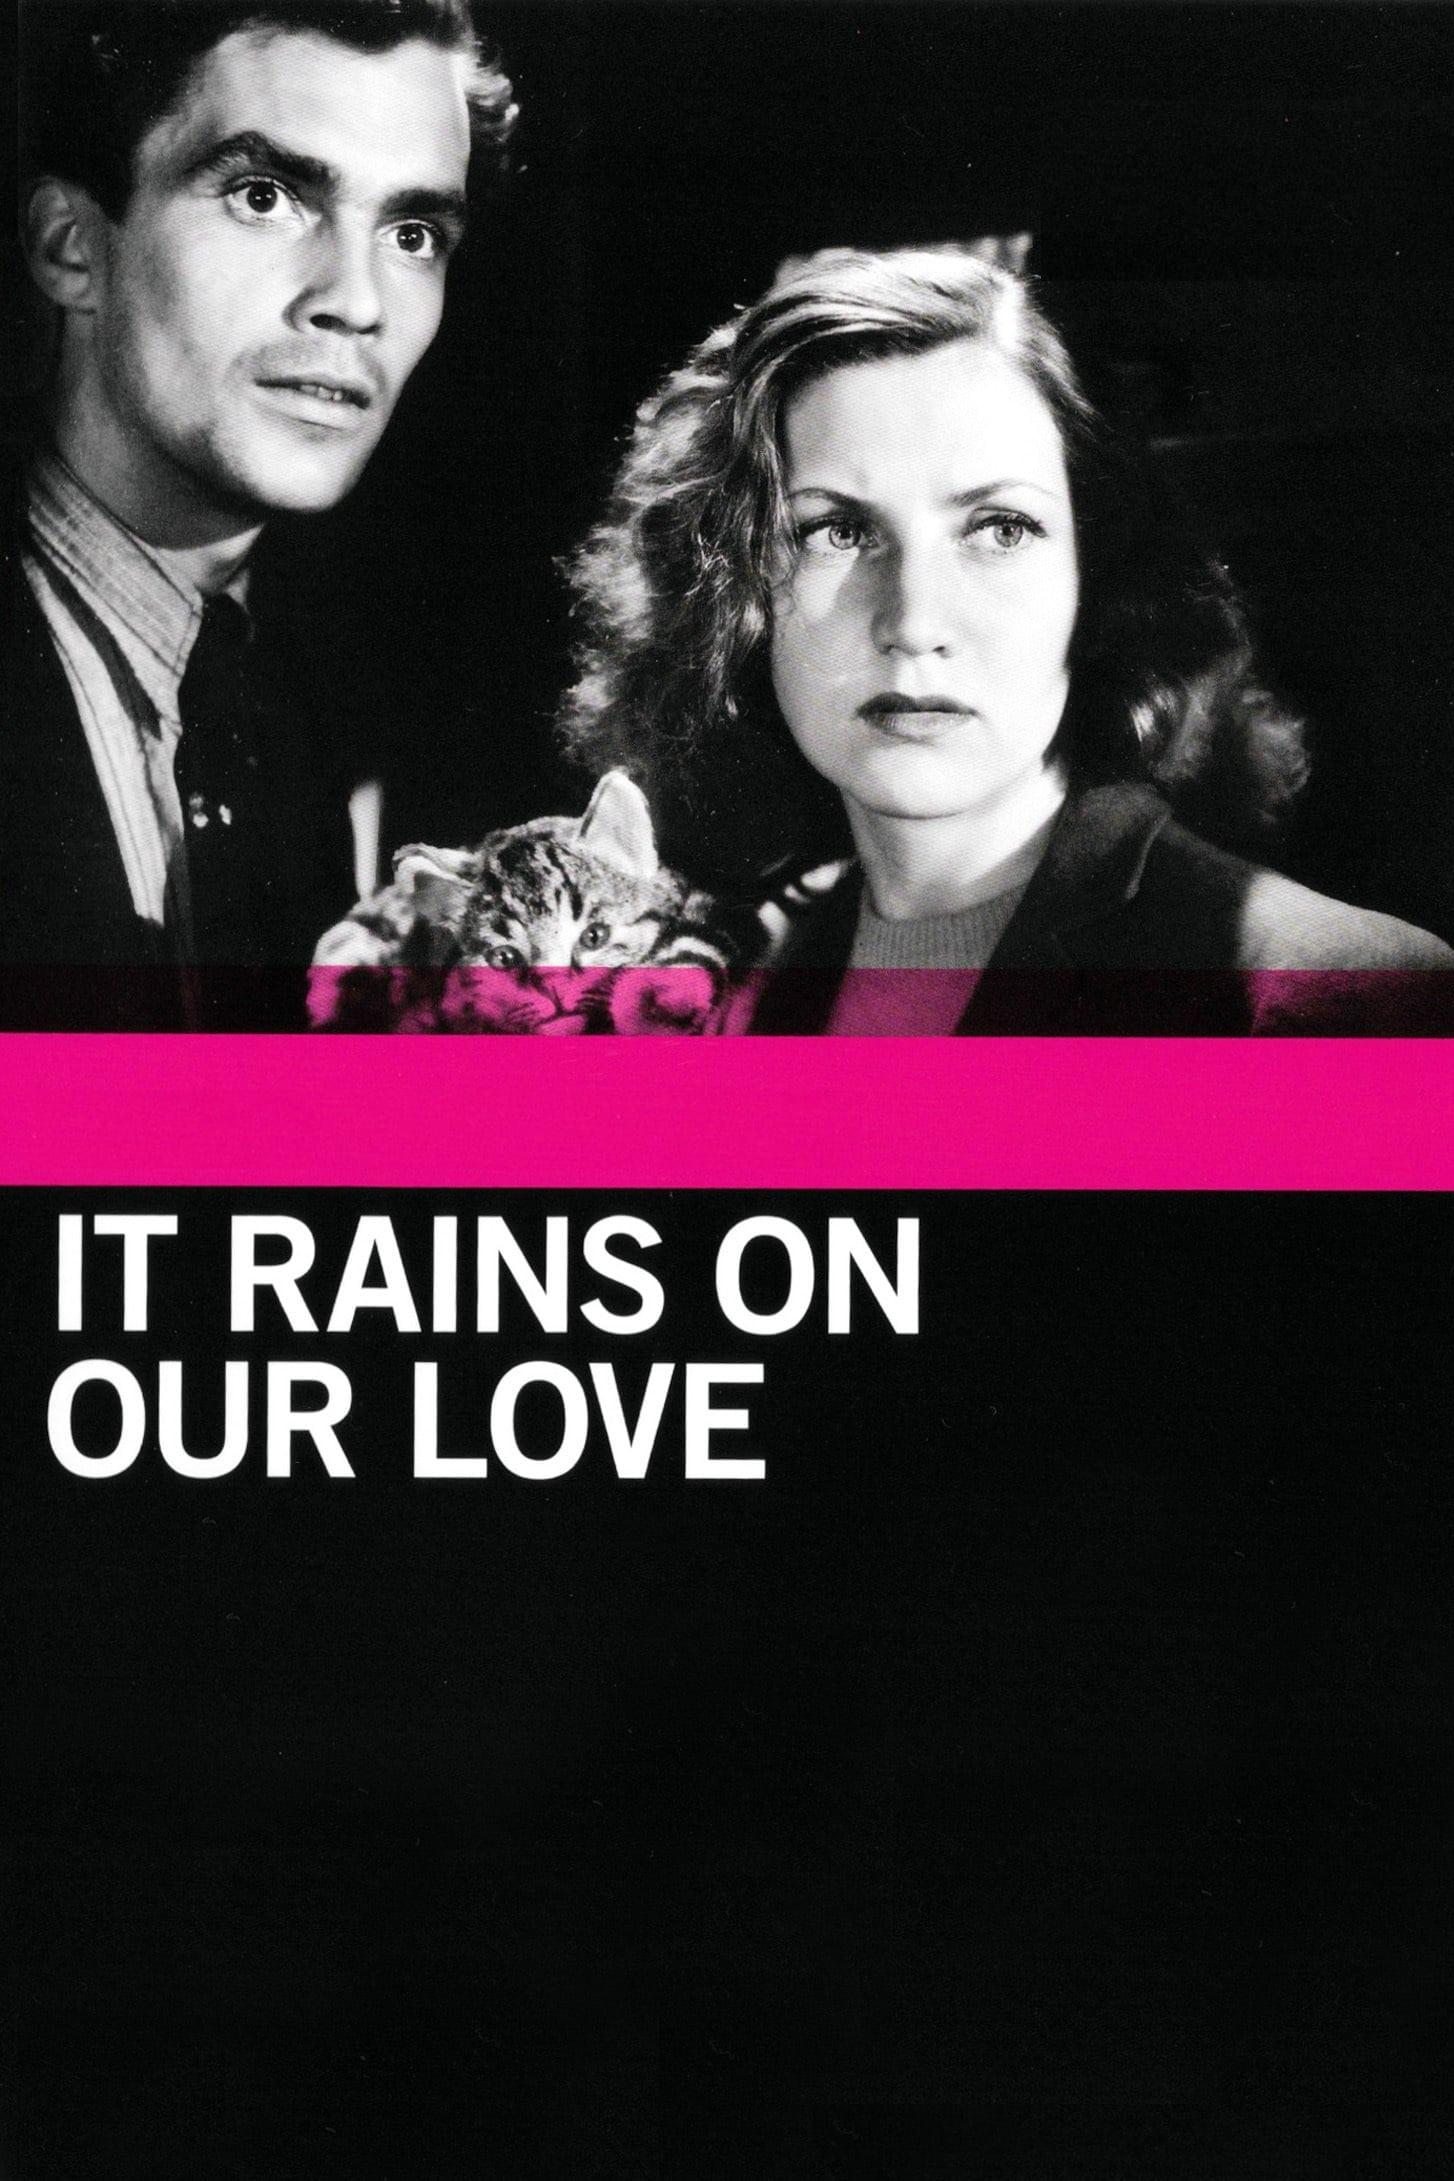 Llueve sobre nuestro amor